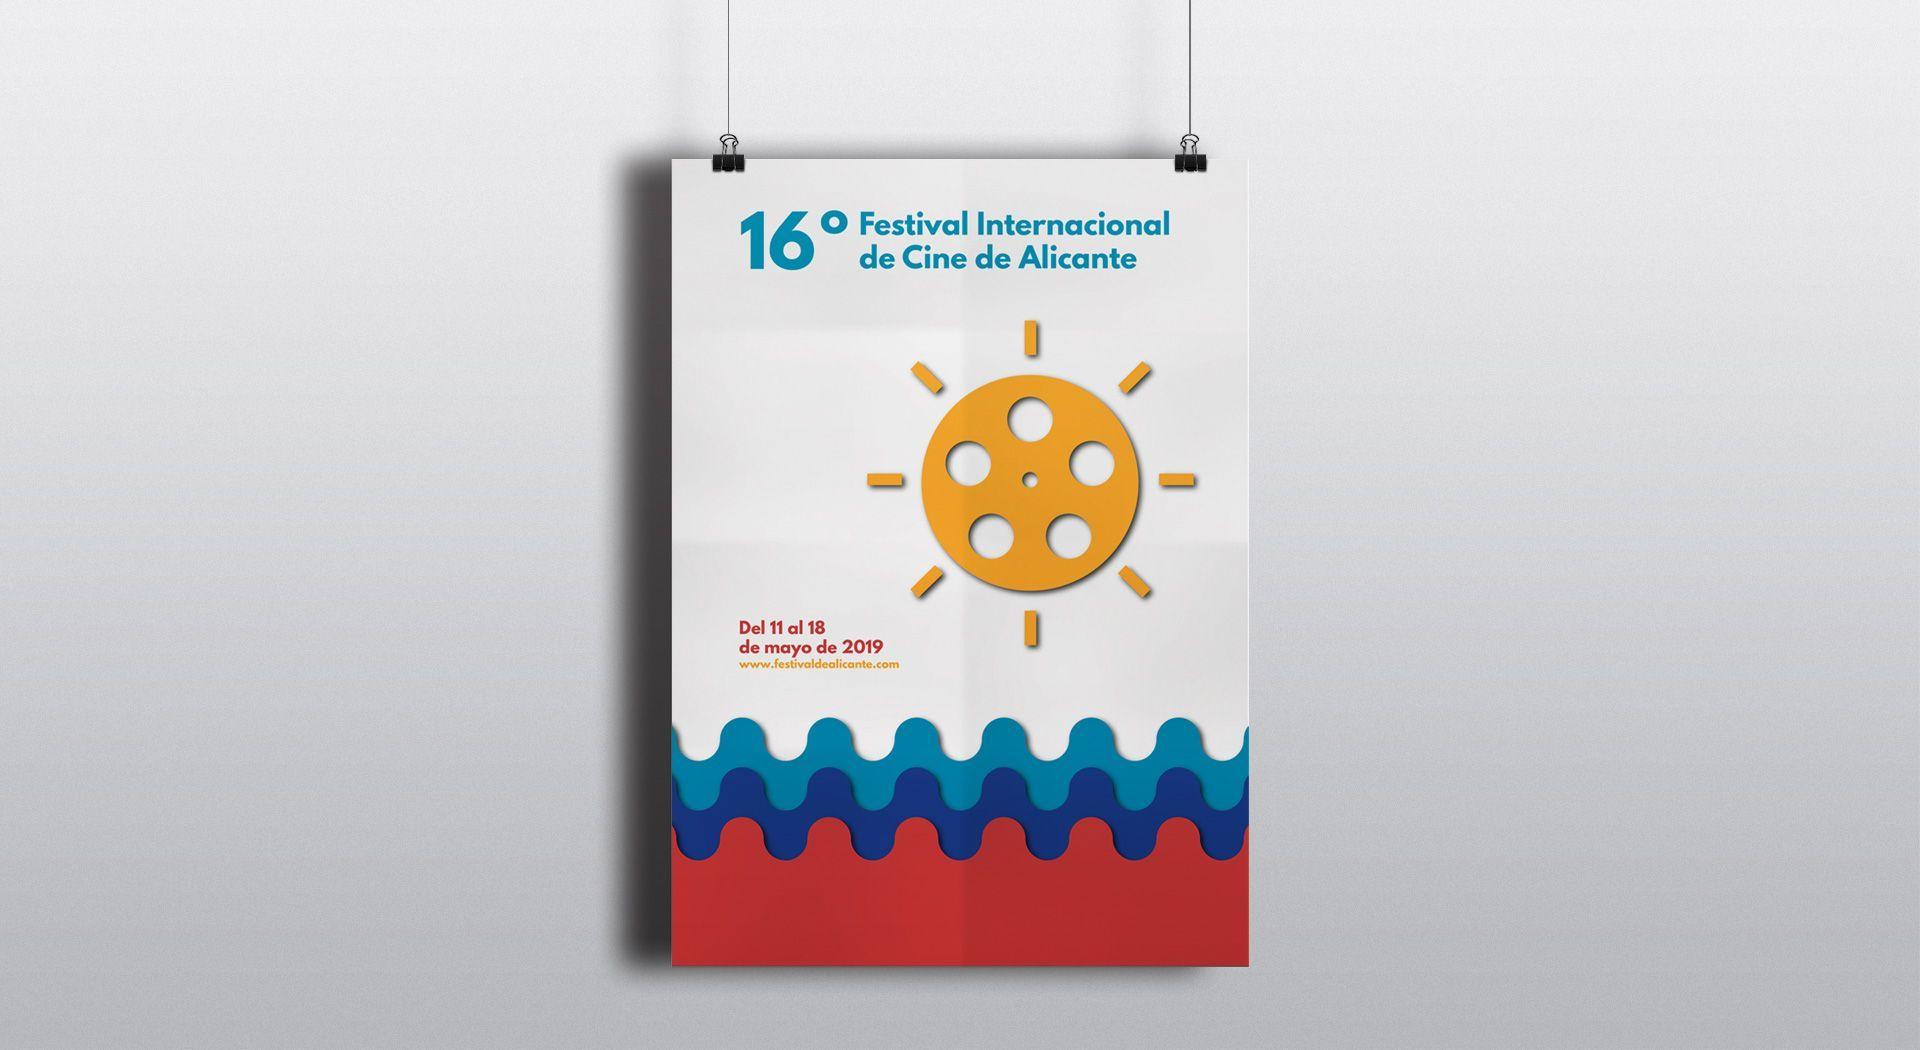 cartel para el Festival de Cine de Alicante 2019